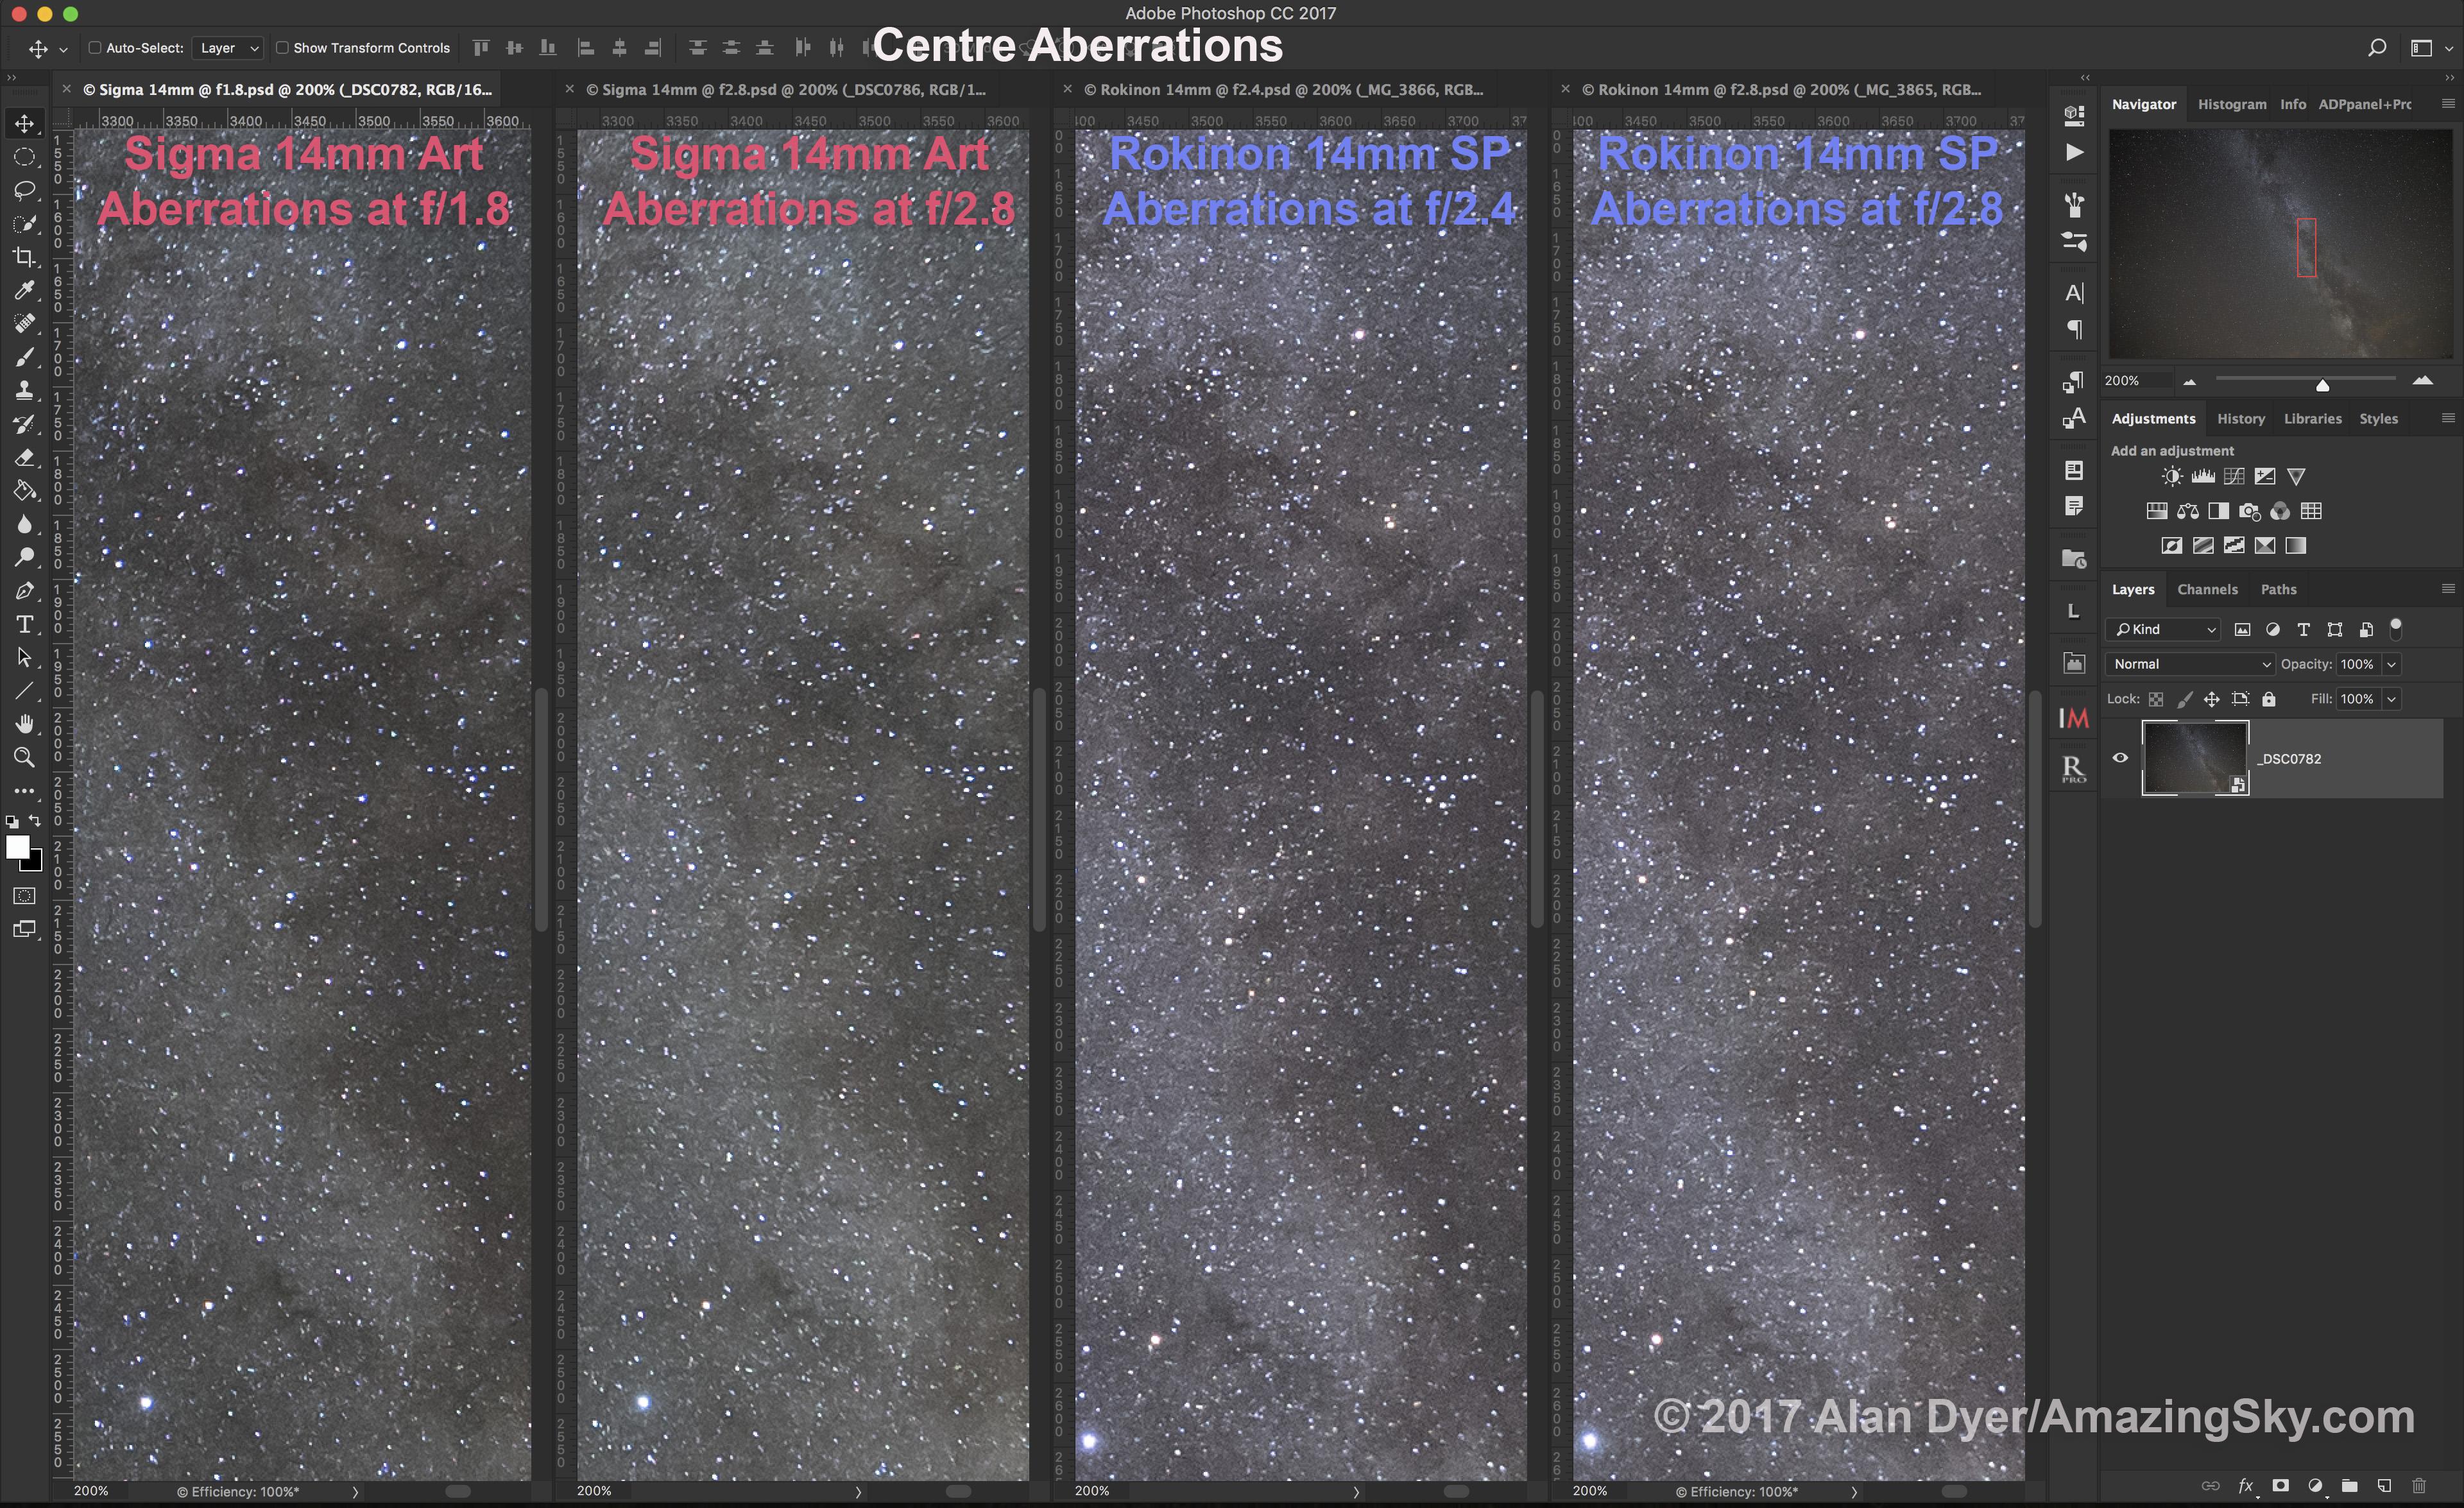 Rokinon vs Sigma (Centre Aberrations)